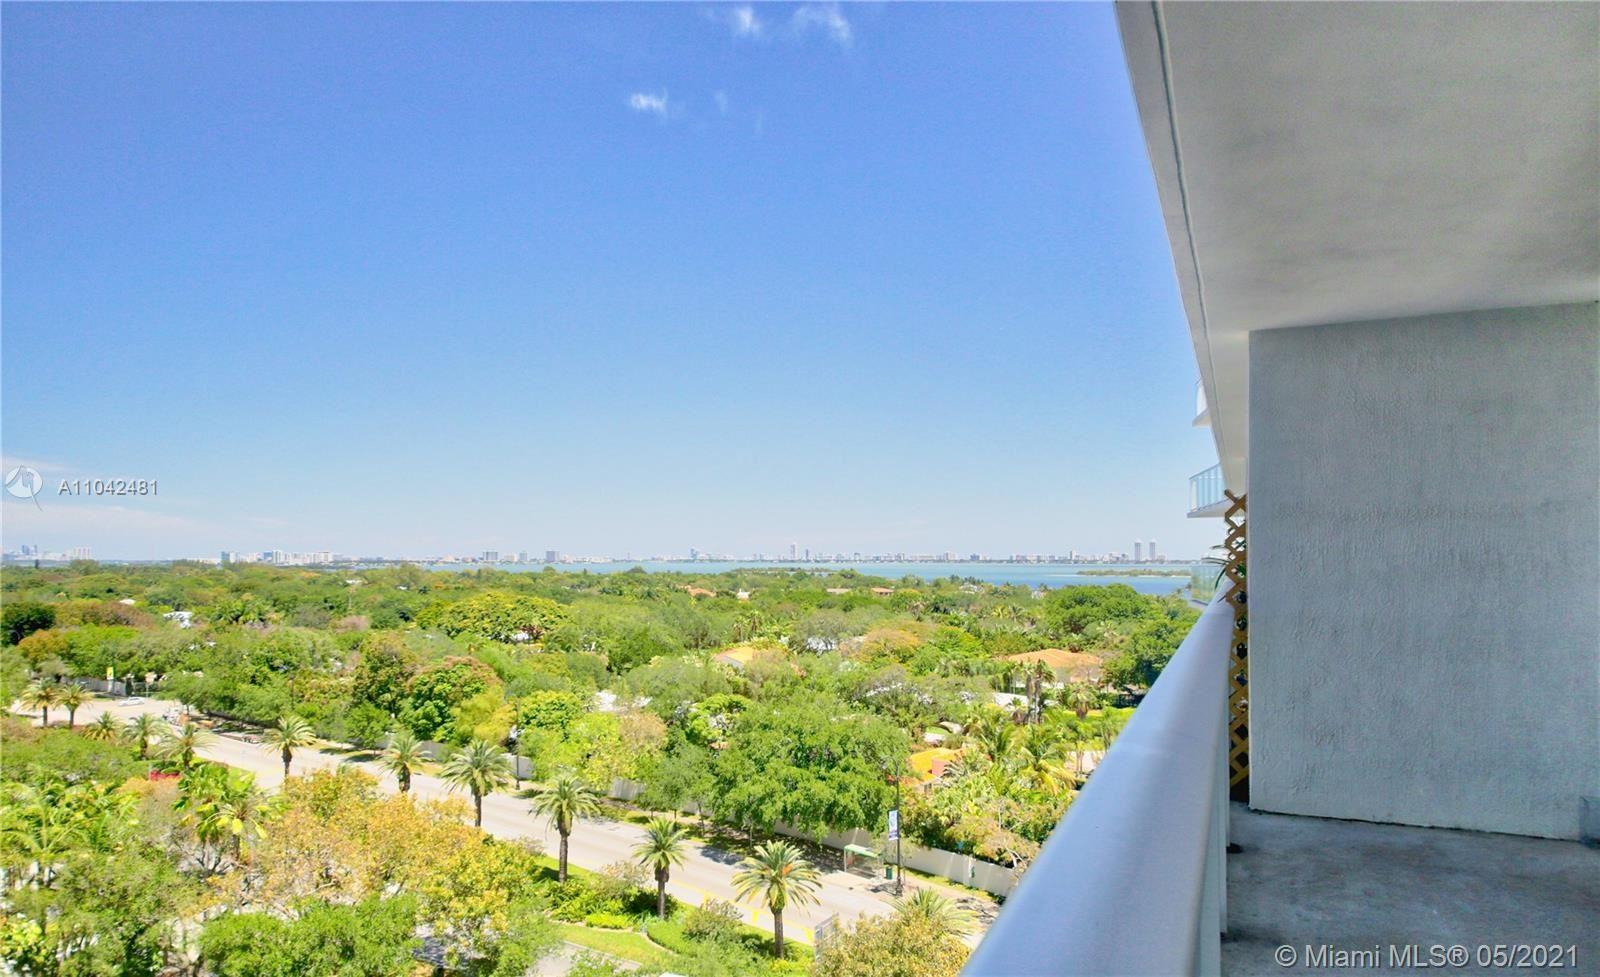 4250 BISCAYNE BLVD #1005, Miami, FL 33137 - #: A11042481